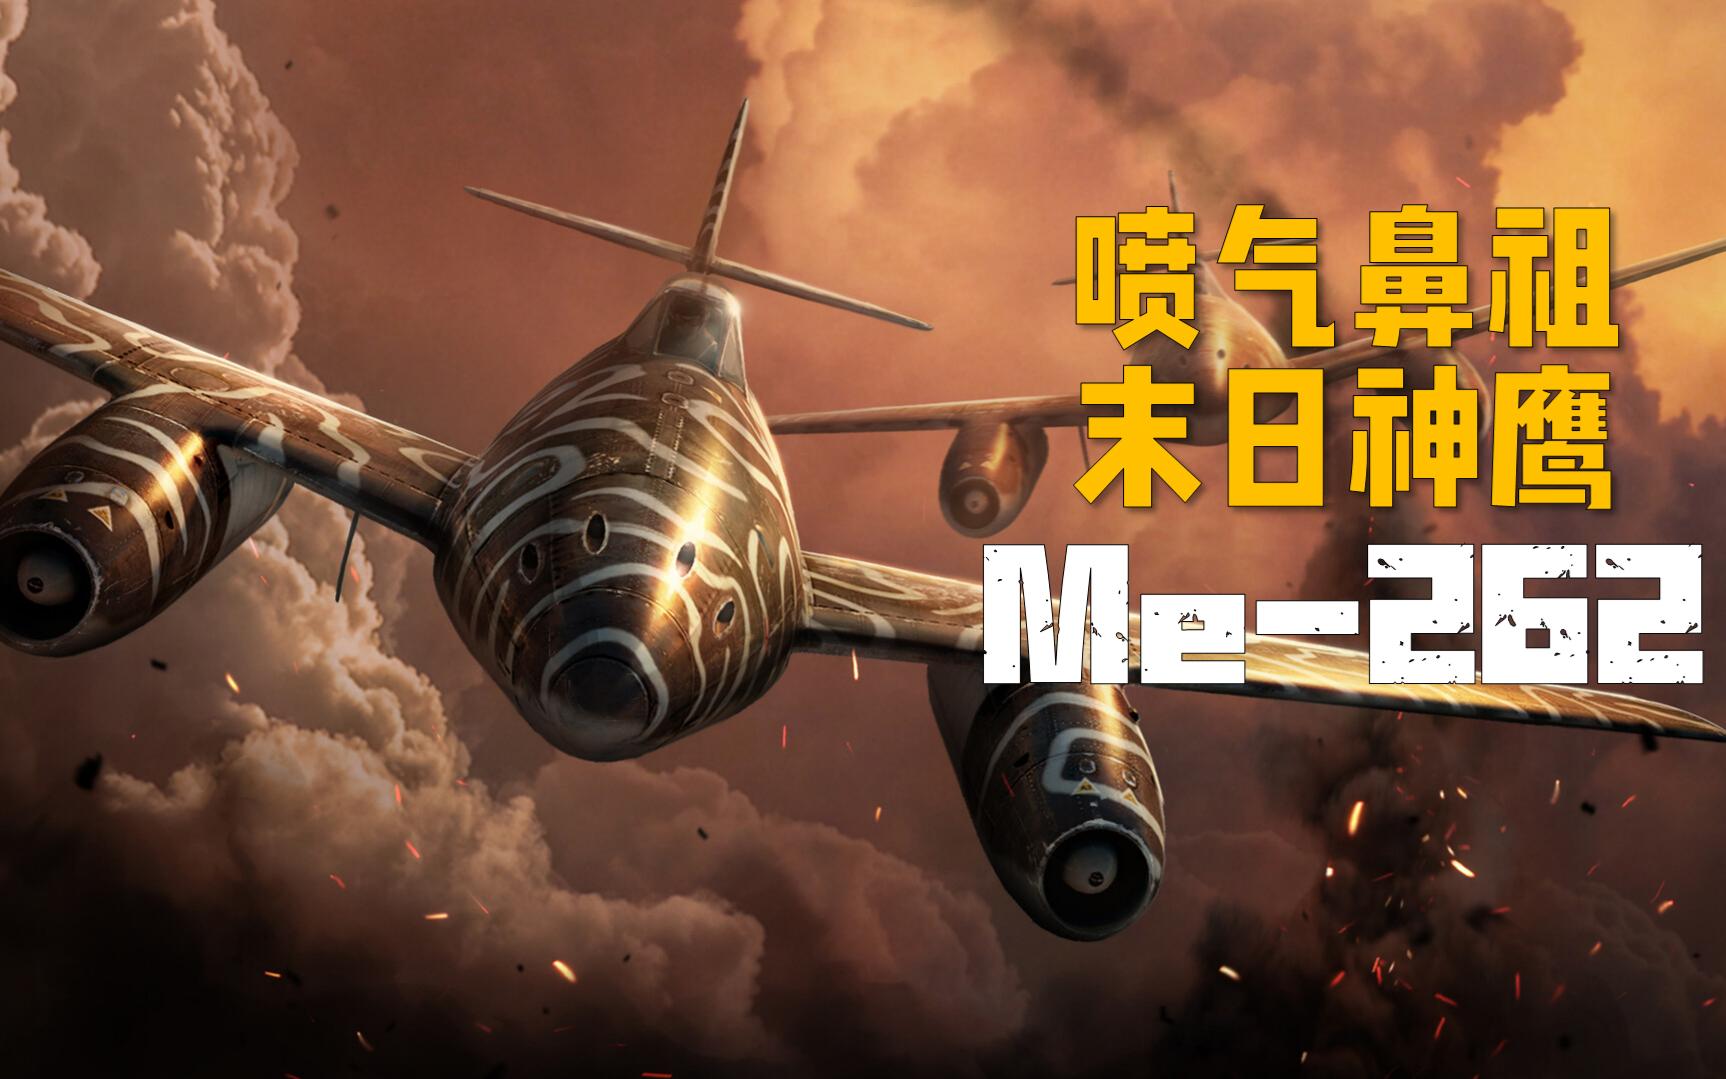 喷气鼻祖,末日神鹰——纳粹德国的空中绝响Me-262